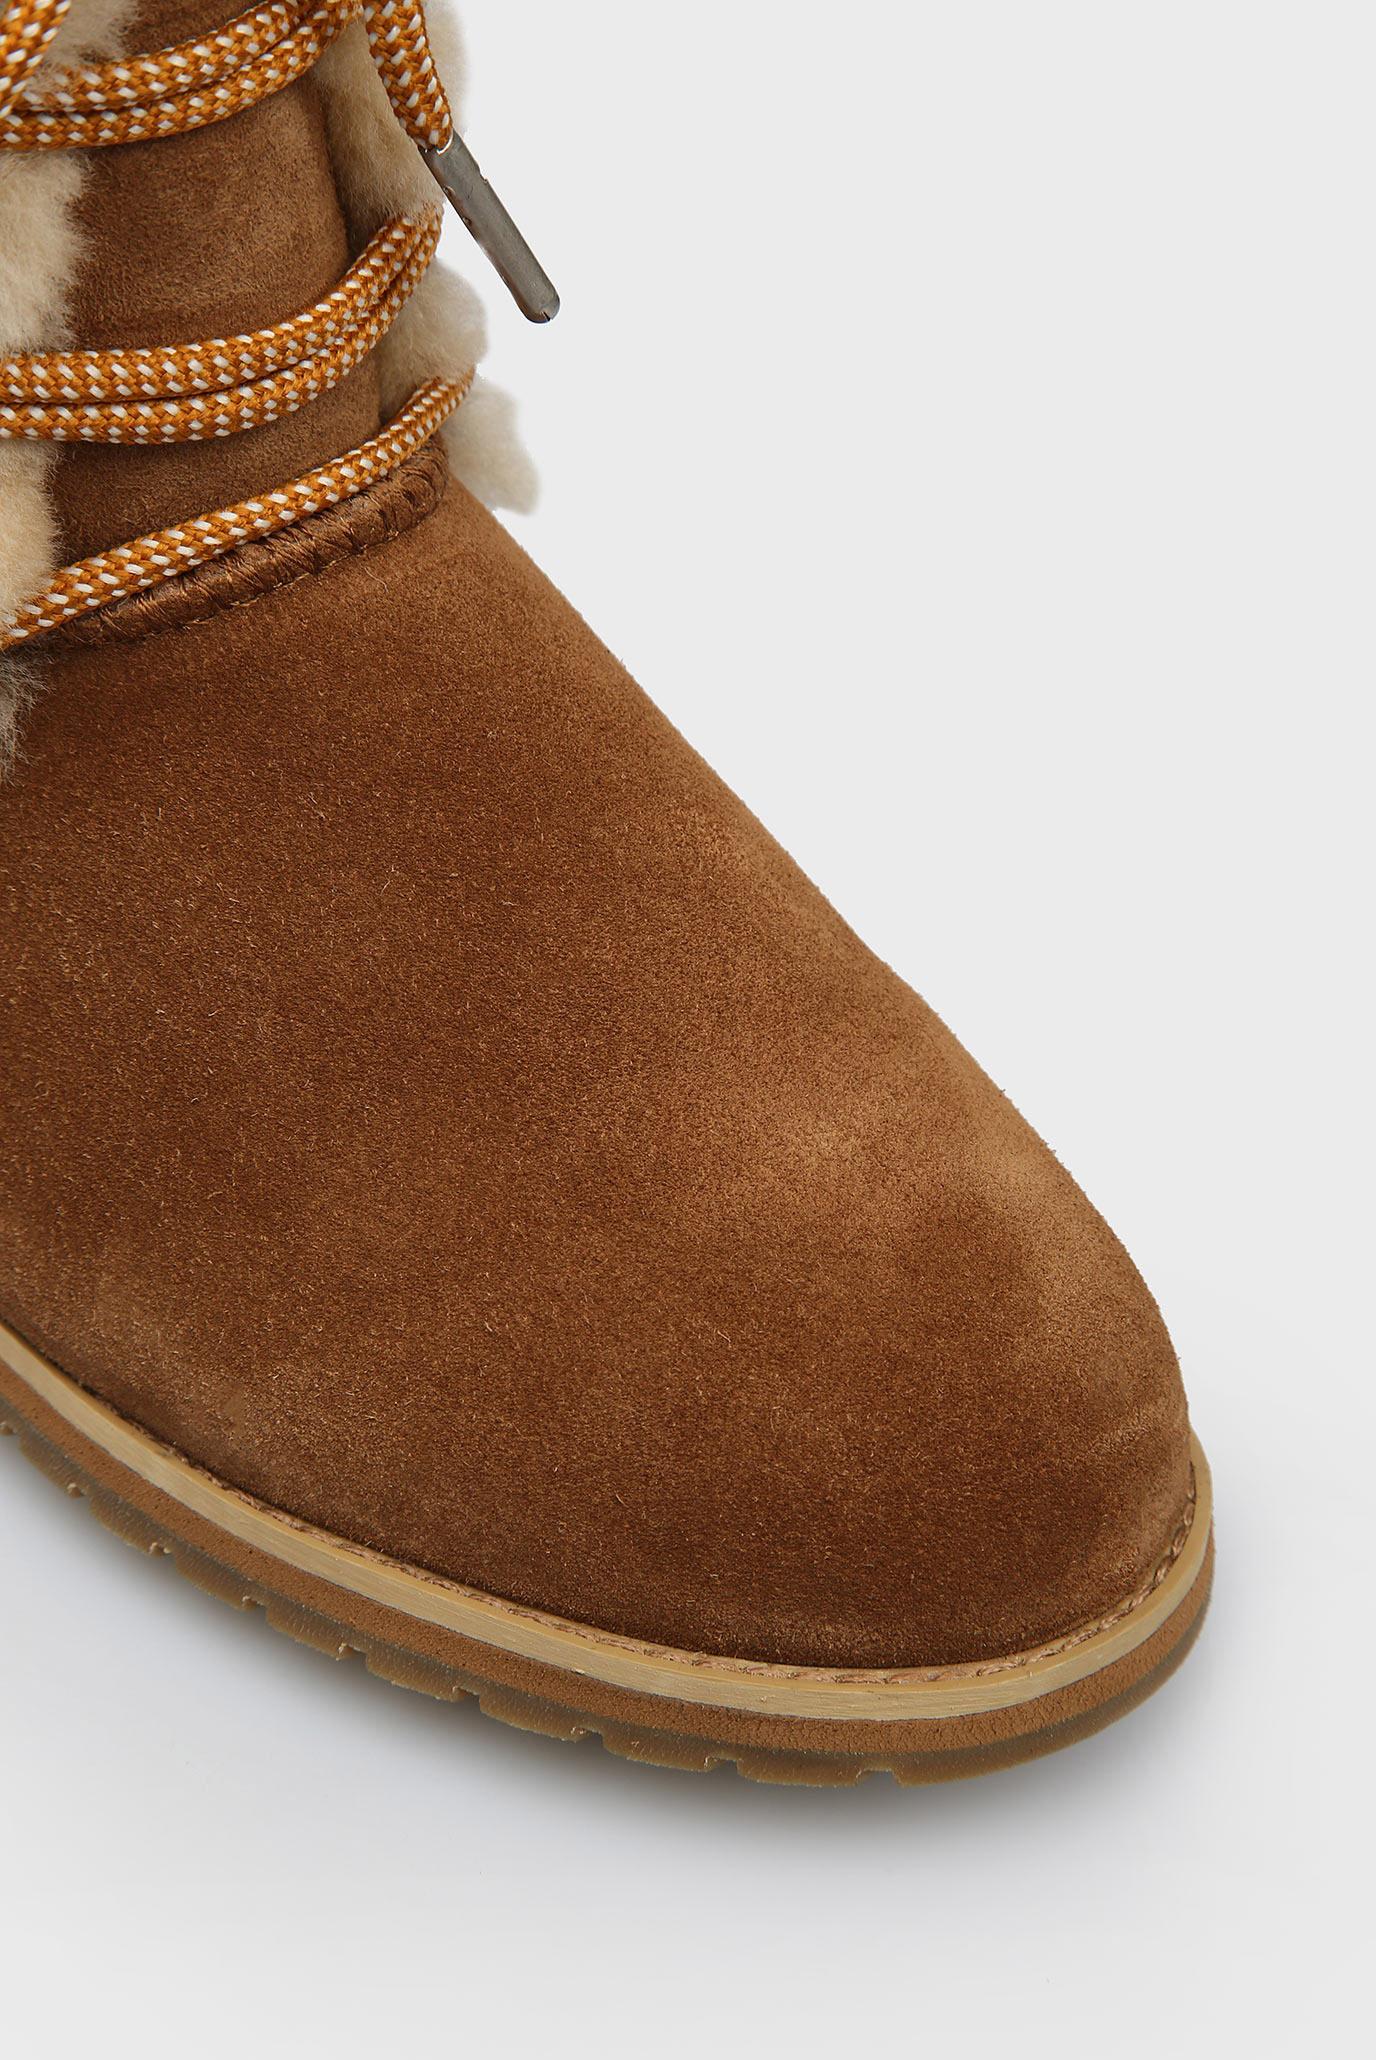 Купить Женские коричневые полусапоги Illawong EMU Australia  EMU Australia  W11657 – Киев, Украина. Цены в интернет магазине MD Fashion